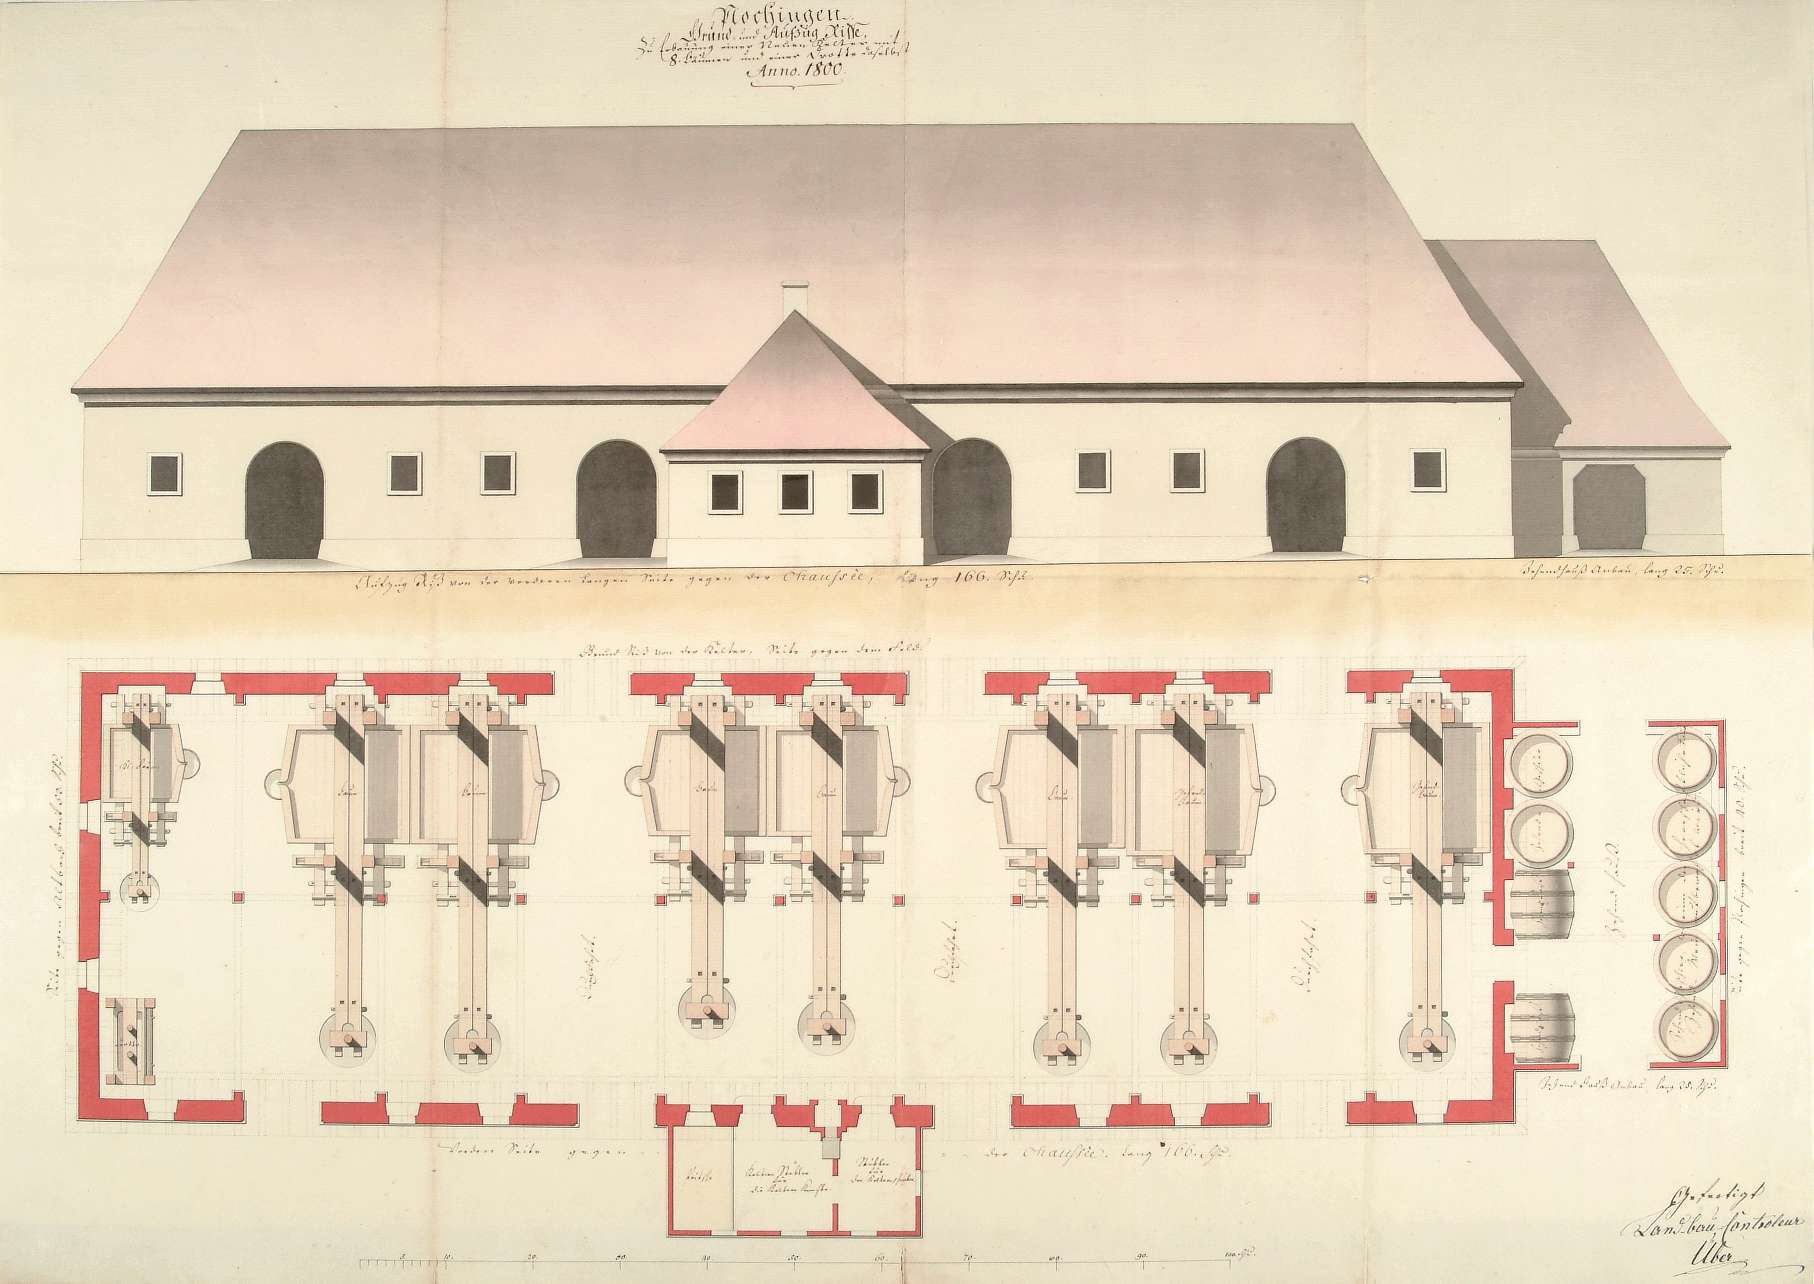 """""""Plochingen. Grund- und Aufzug Risse, zur Erbauung einer neuen Kelter mit 8 Bäumen und einer Drotte daselbst"""", Bild 1"""